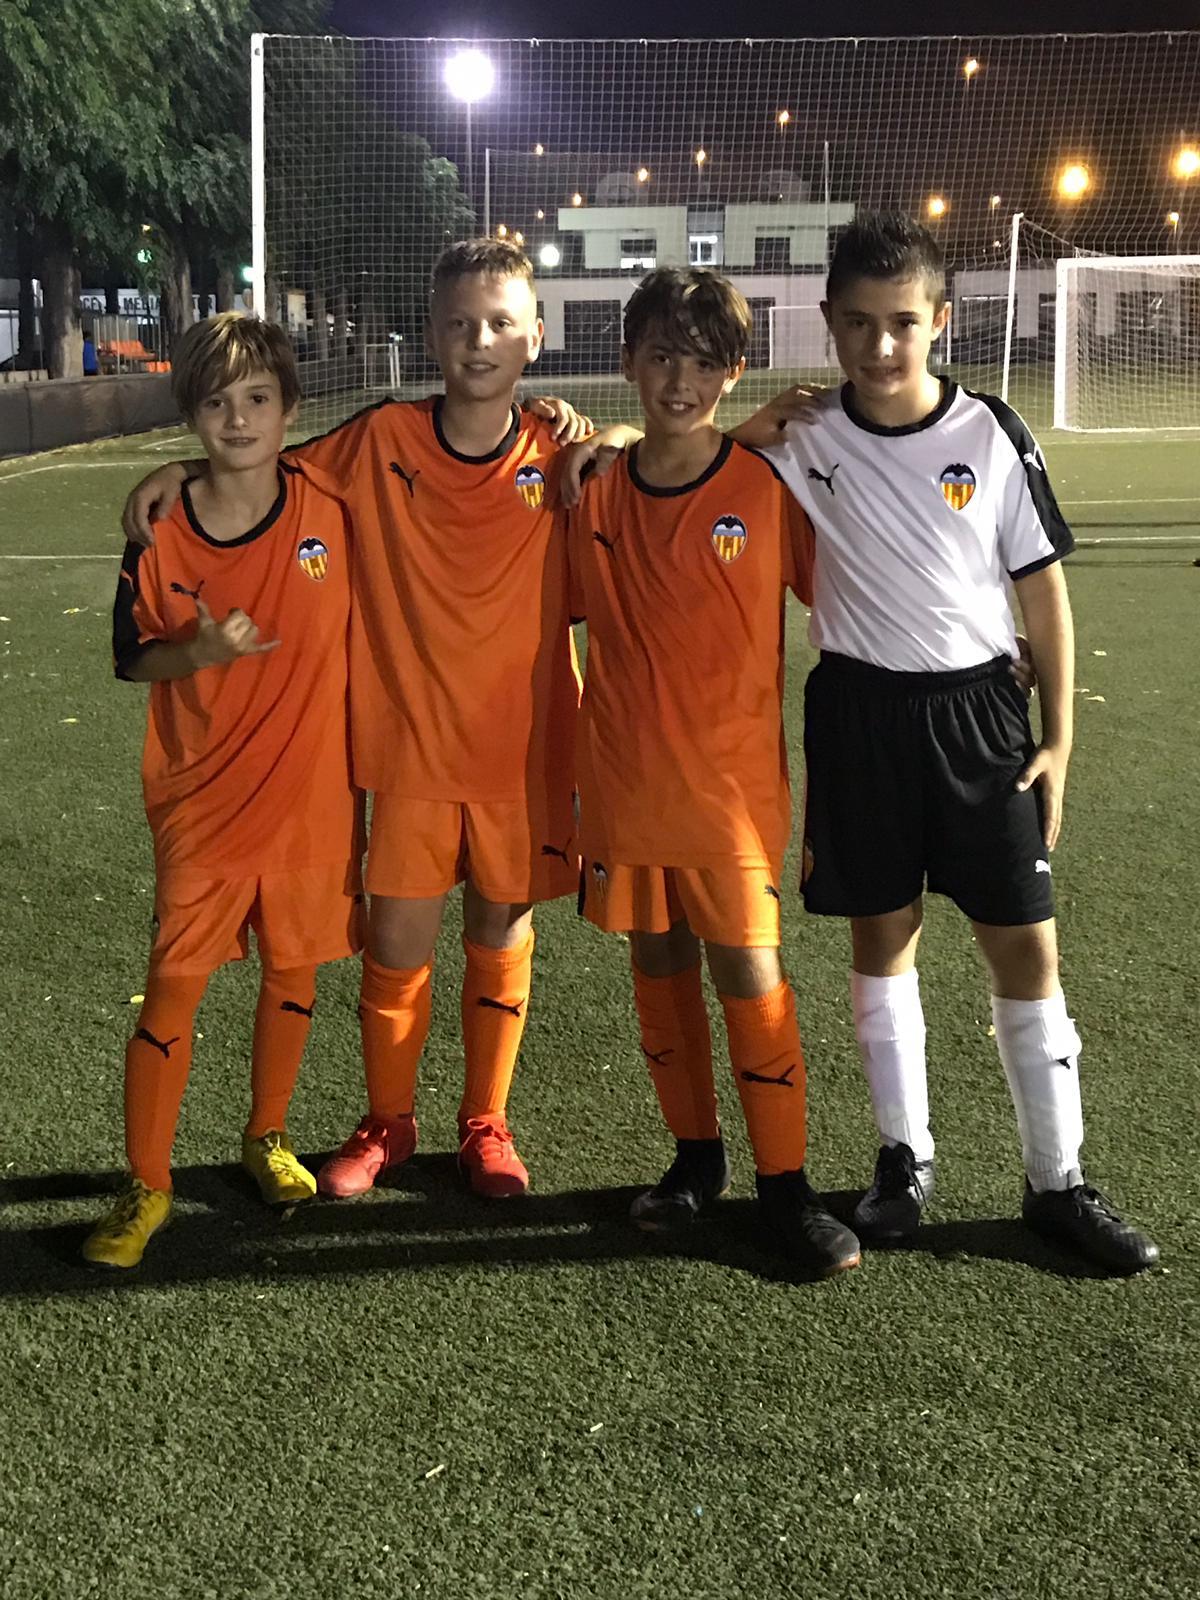 Primera jugadores convocados por el Valencia CF dentro del proyecto Escoles VCF